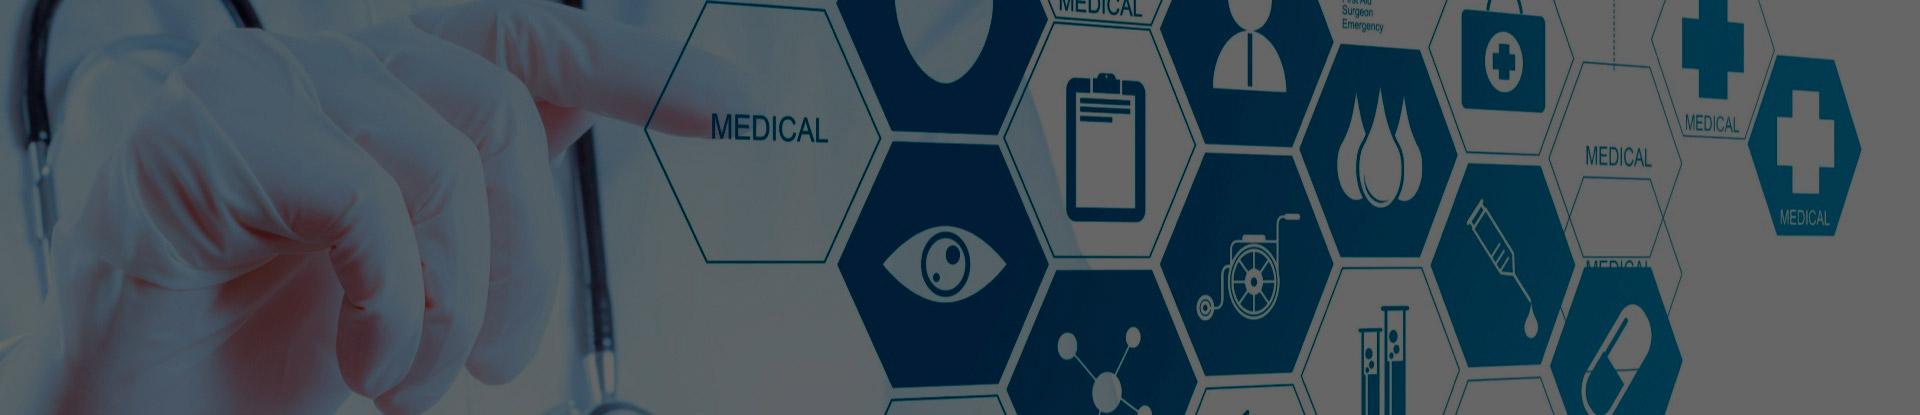 Карта медицинского консьержа с выгодой